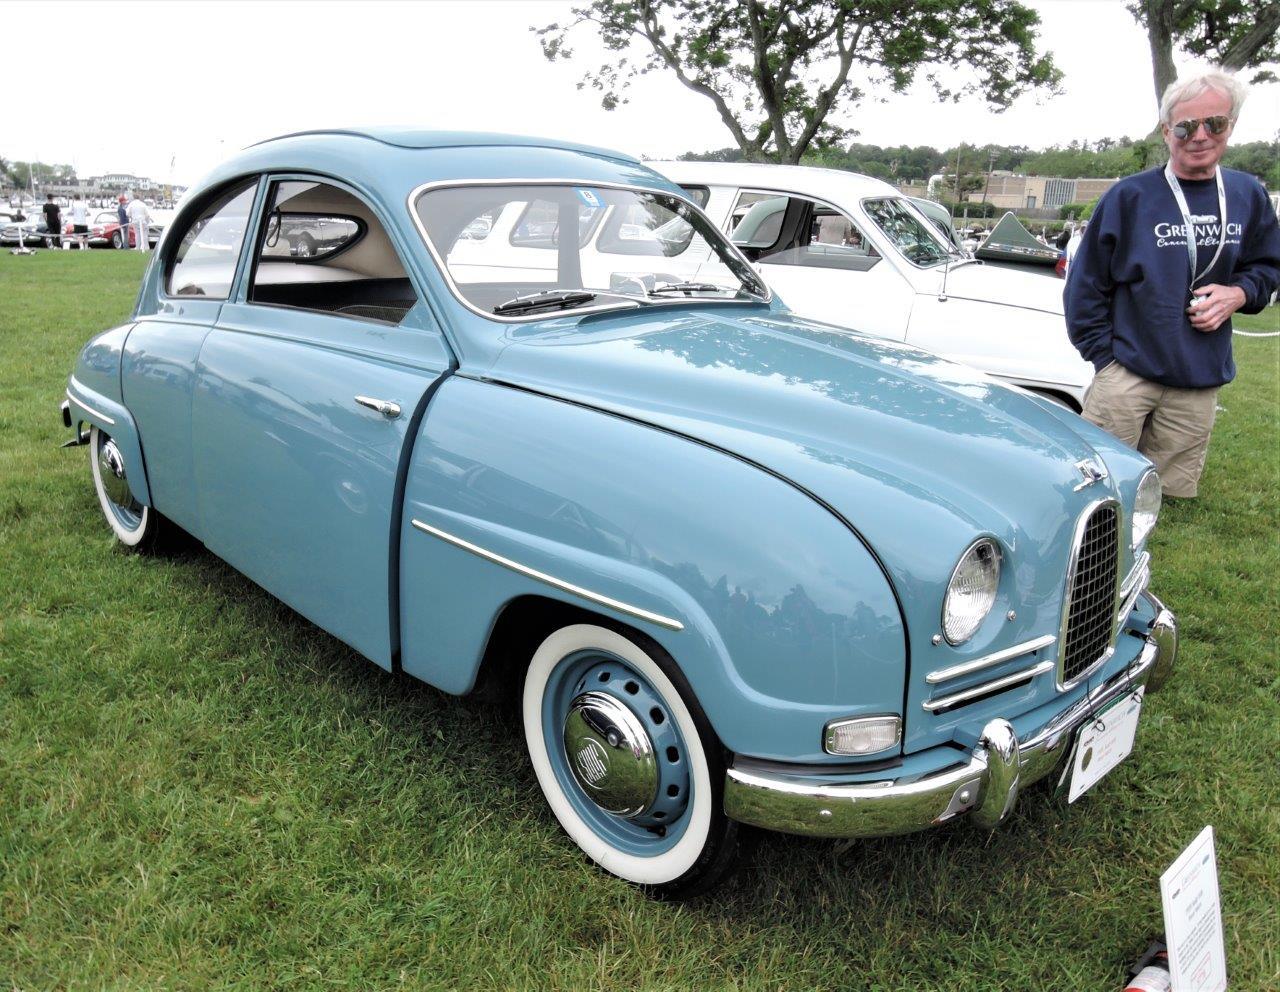 blue 1959 Saab 93B - 2018 Greenwich Concours International